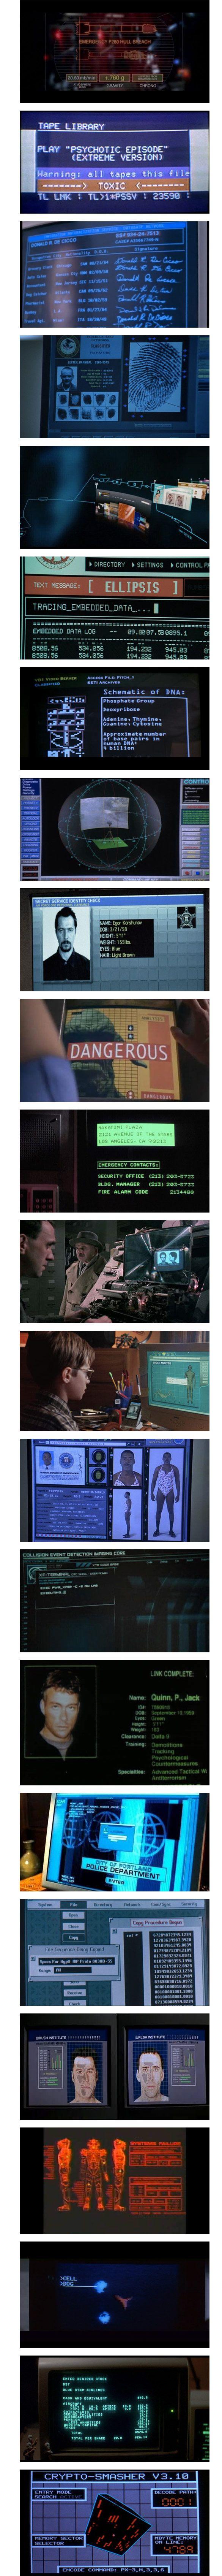 comput Les interfaces graphiques informatiques au cinéma !